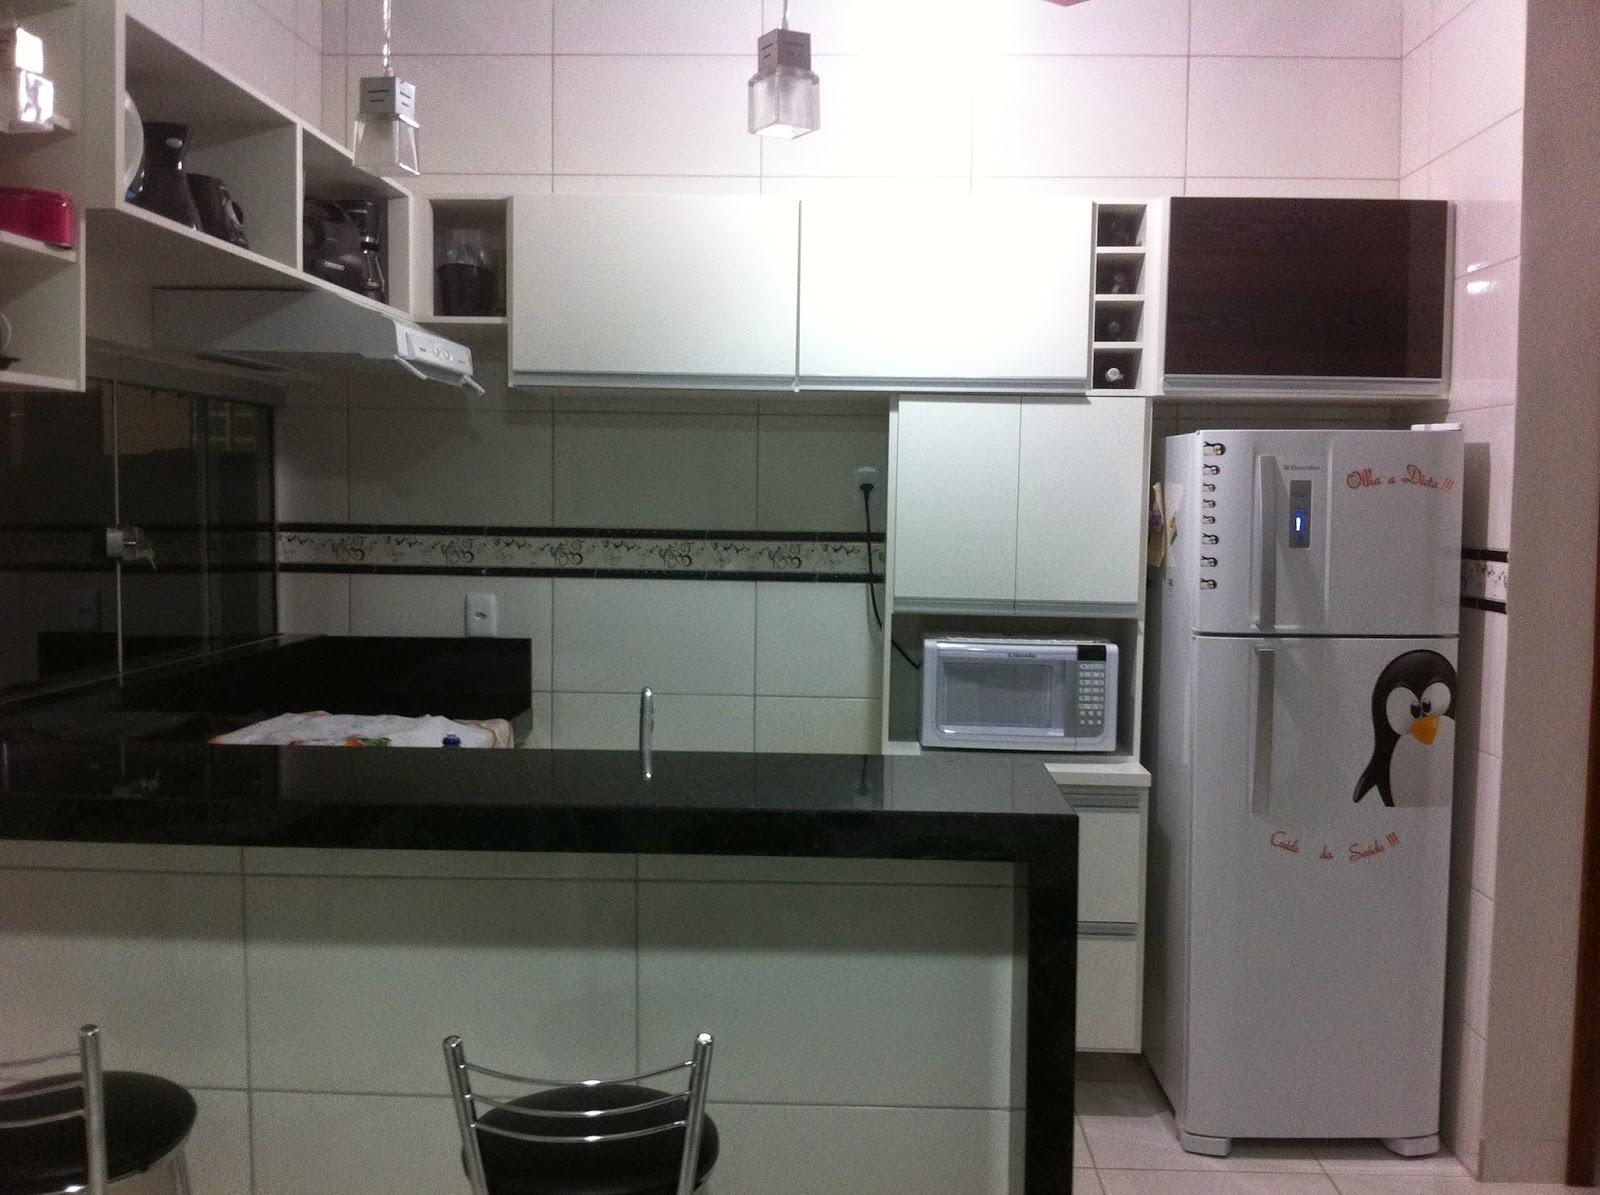 Meu Doce Amado Cantinho: Armário da Cozinha e Gabinete do Banheiro. #755662 1600 1195